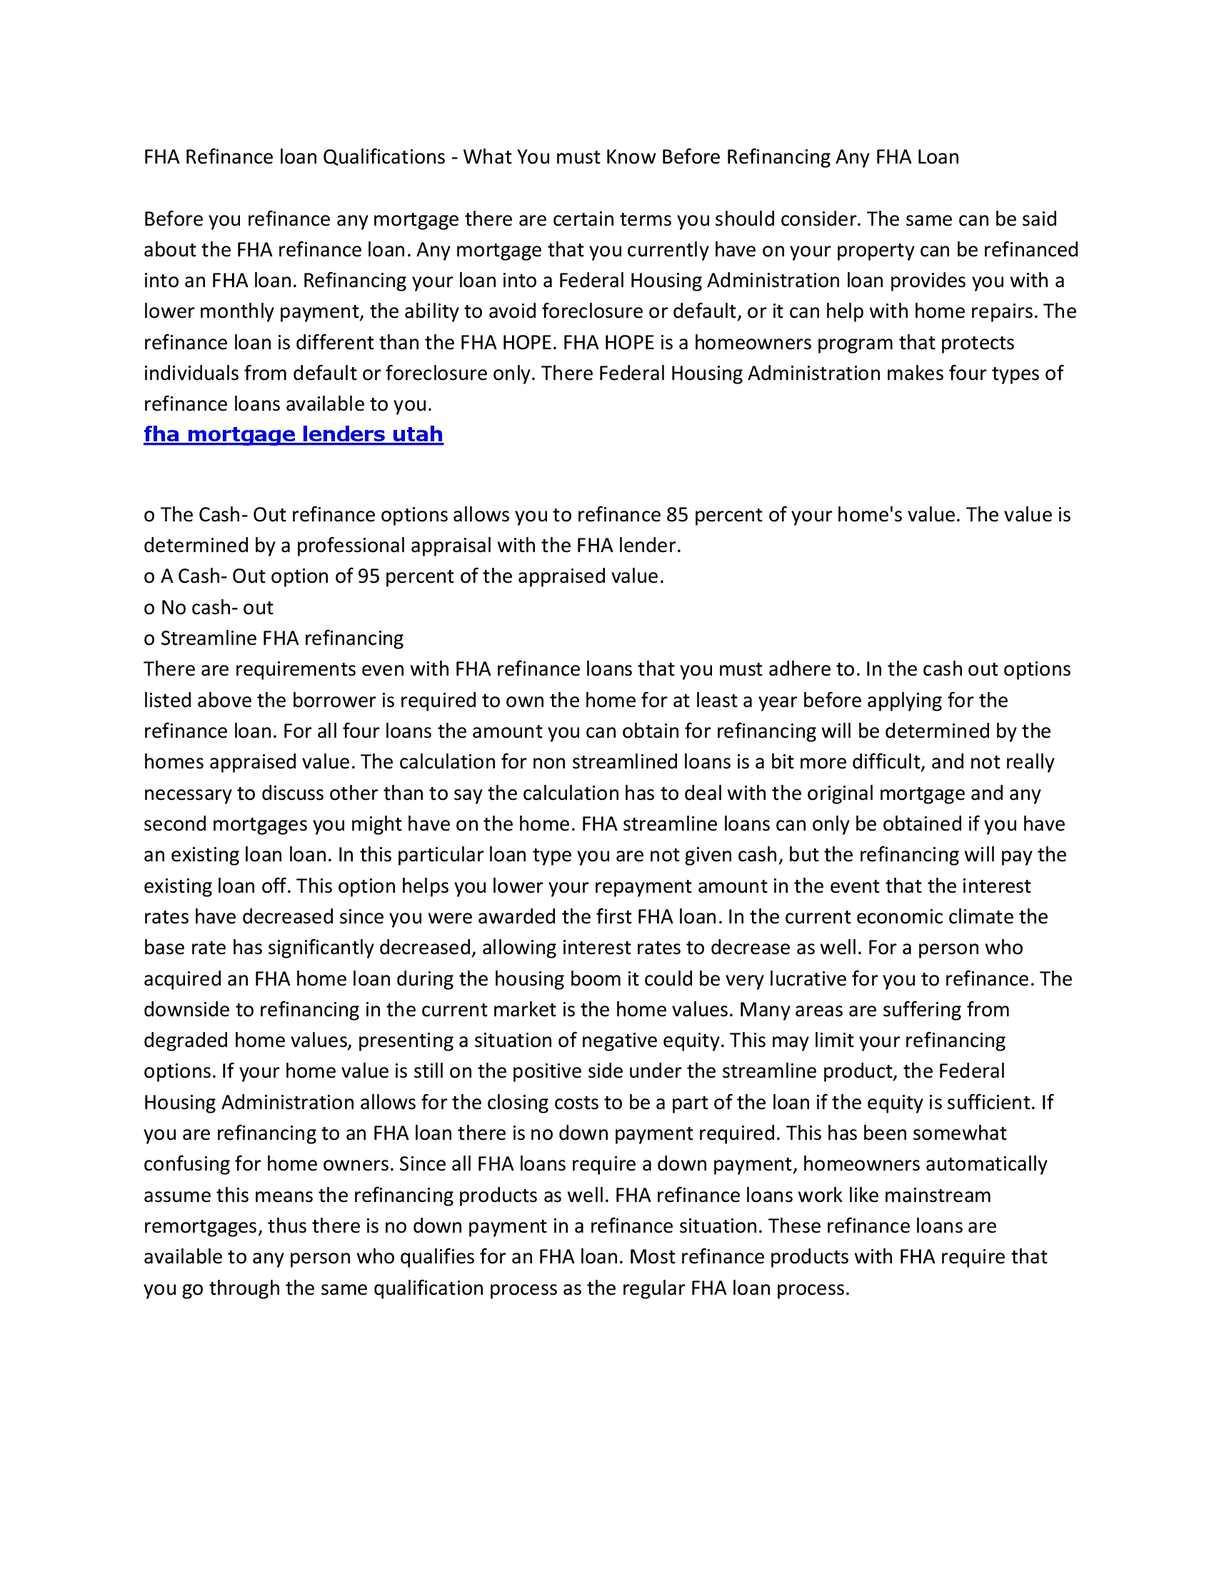 Advance payday loans nashville tn image 6